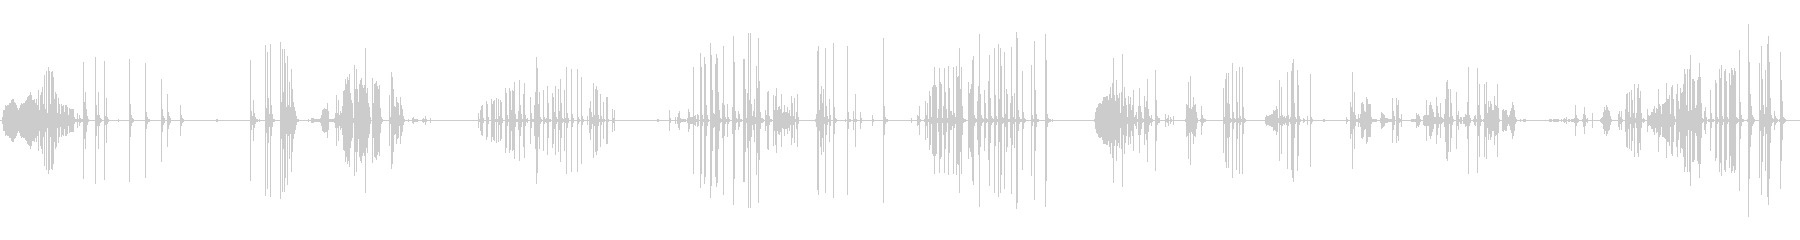 さまざまなバルーンのきしみときしみの未再生の波形